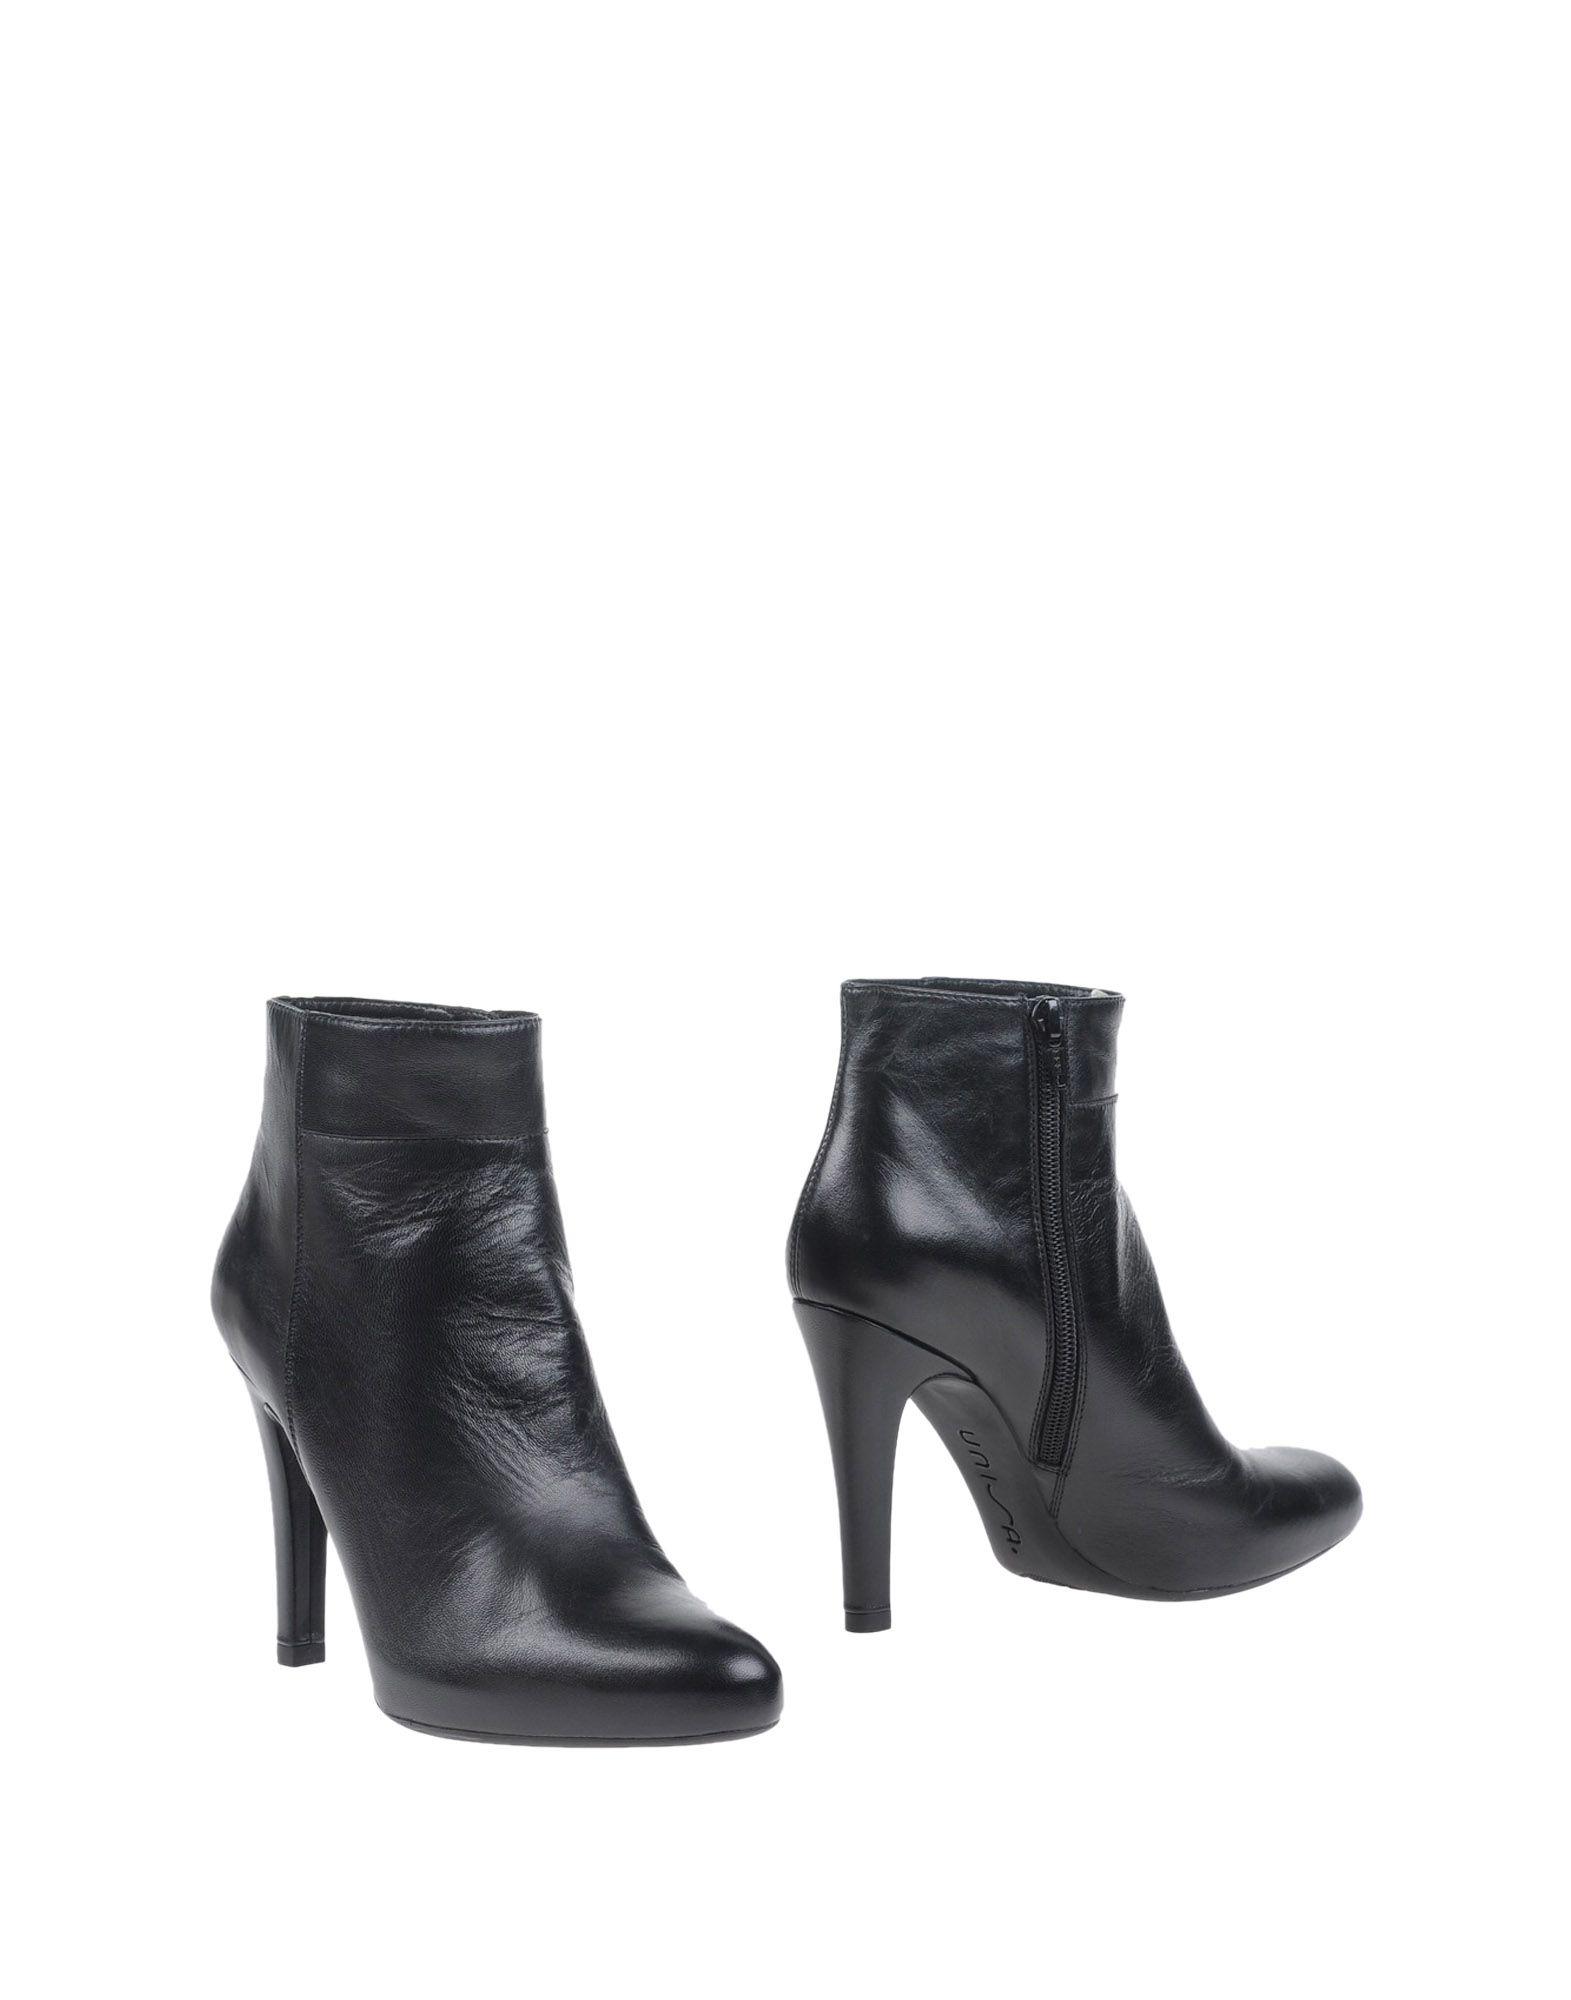 Unisa Stiefelette Damen  11052571RC Gute Qualität beliebte Schuhe